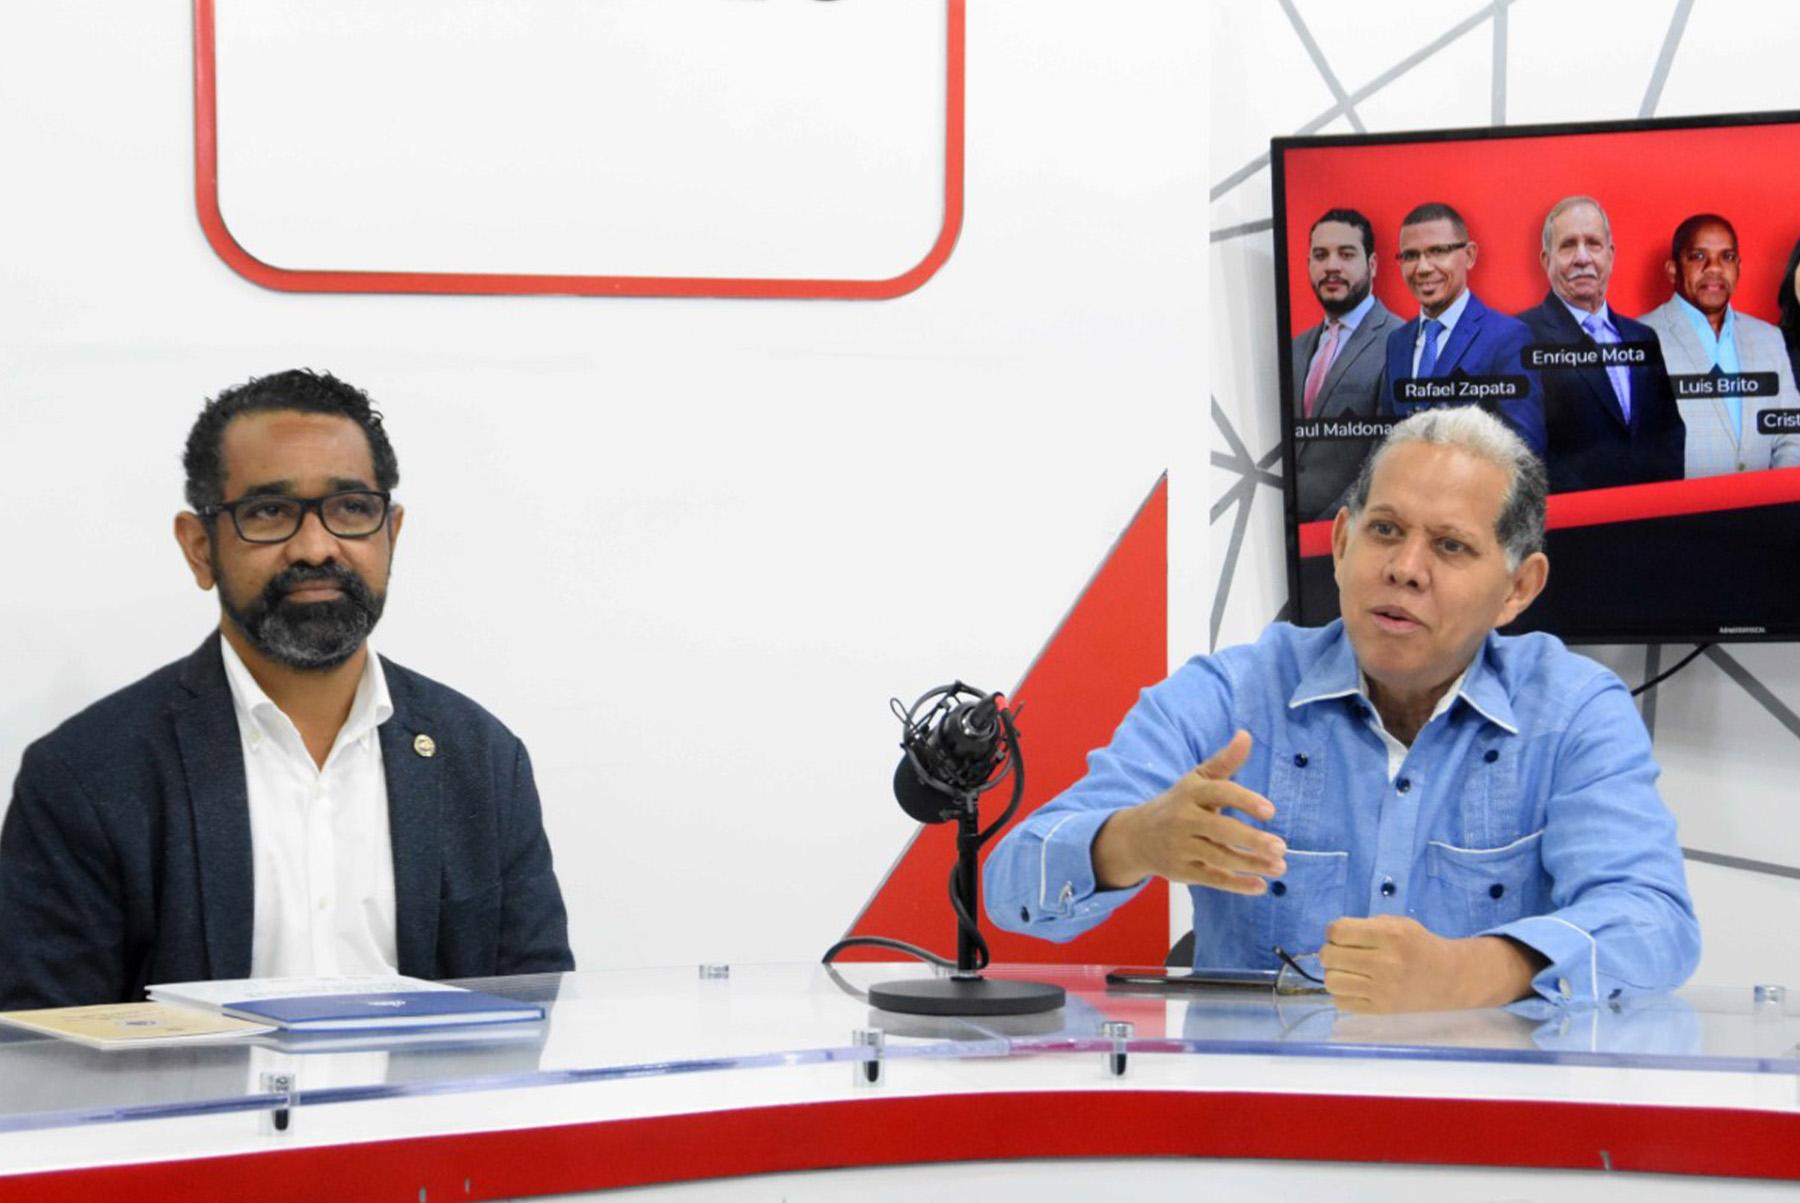 El viceministro de Ordenamiento Territorial y Desarrollo Regional, Domingo Matías, y el director de la Defensa Civil , Juan Salas, participaron en el programa Nuevo Diario AM que conducen los periodistas Tuto Mota, Rafael Zapata y Cesarina Rosario.